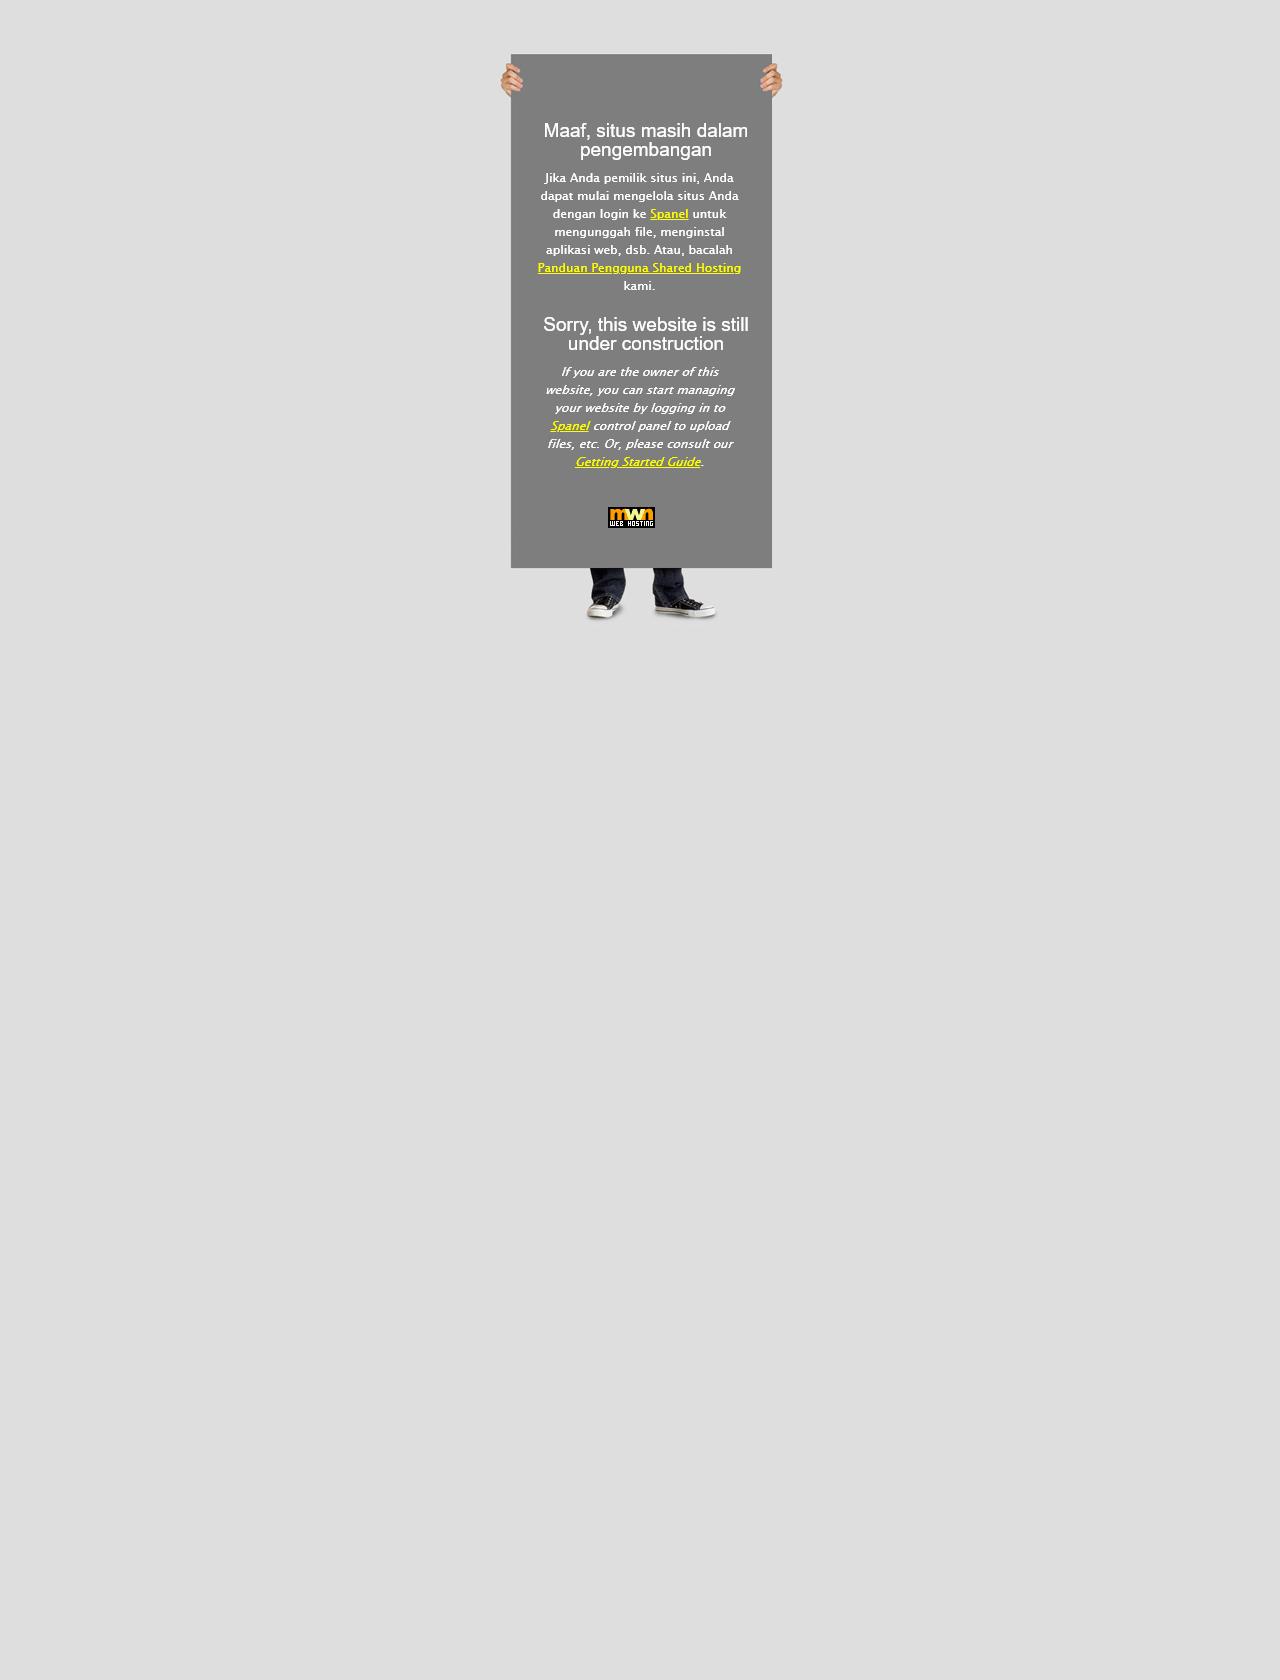 Screenshot Desktop - https://www.harbaharummart.com/